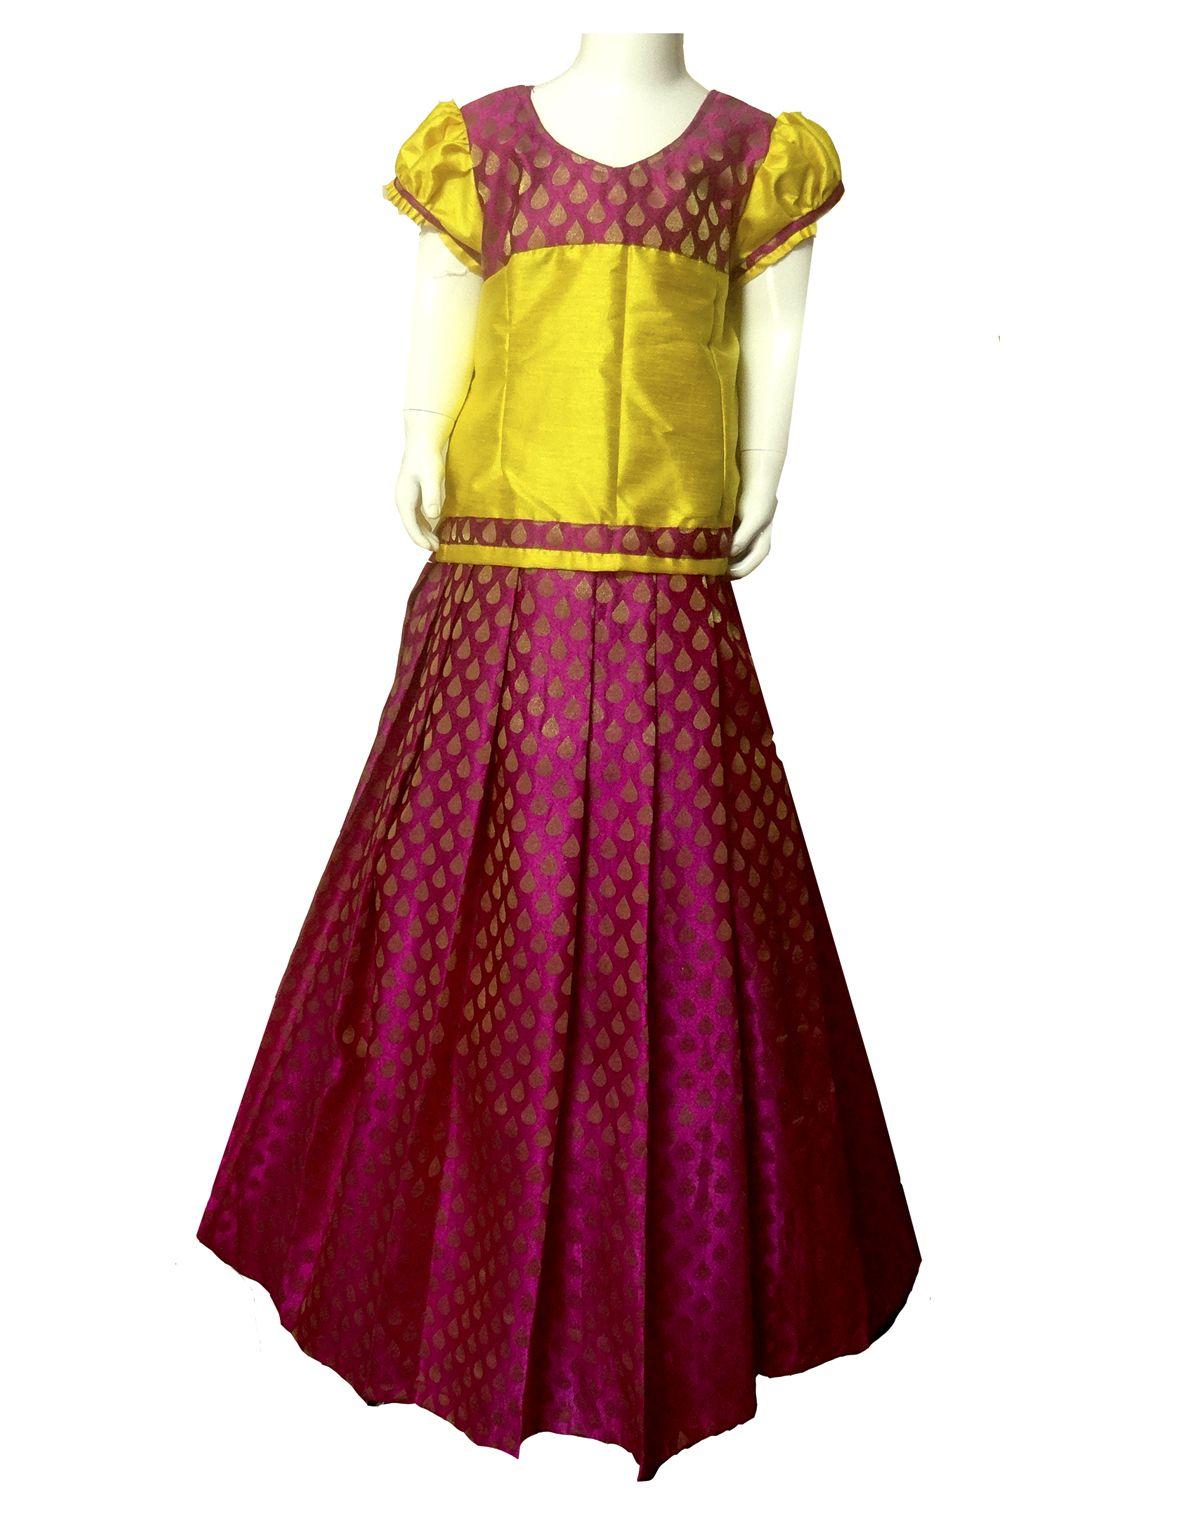 f182669d9d #kidsfrocks #kidspattufrocks Yellow with Pink Pattu Pavadai only at  www.Bujuma.com